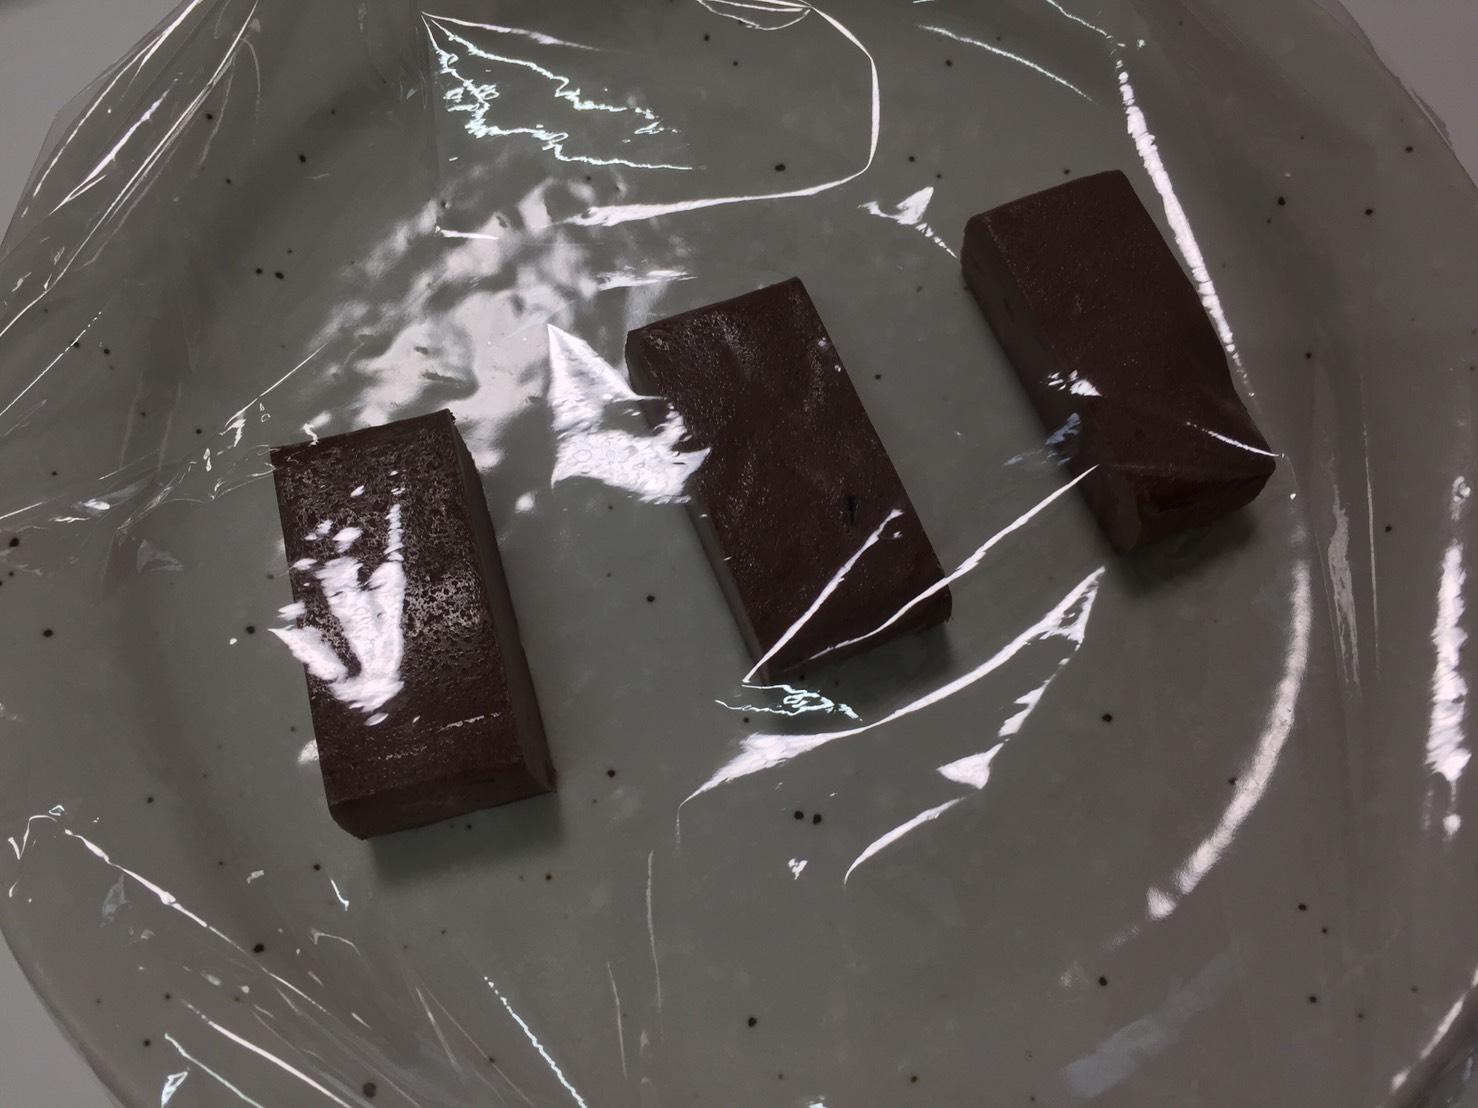 マイプロテインの「MY BAR ZERO(マイバー・ゼロ)」、CHOCOLATE FLAVOUR(チョコレート味)を電子レンジで温めます